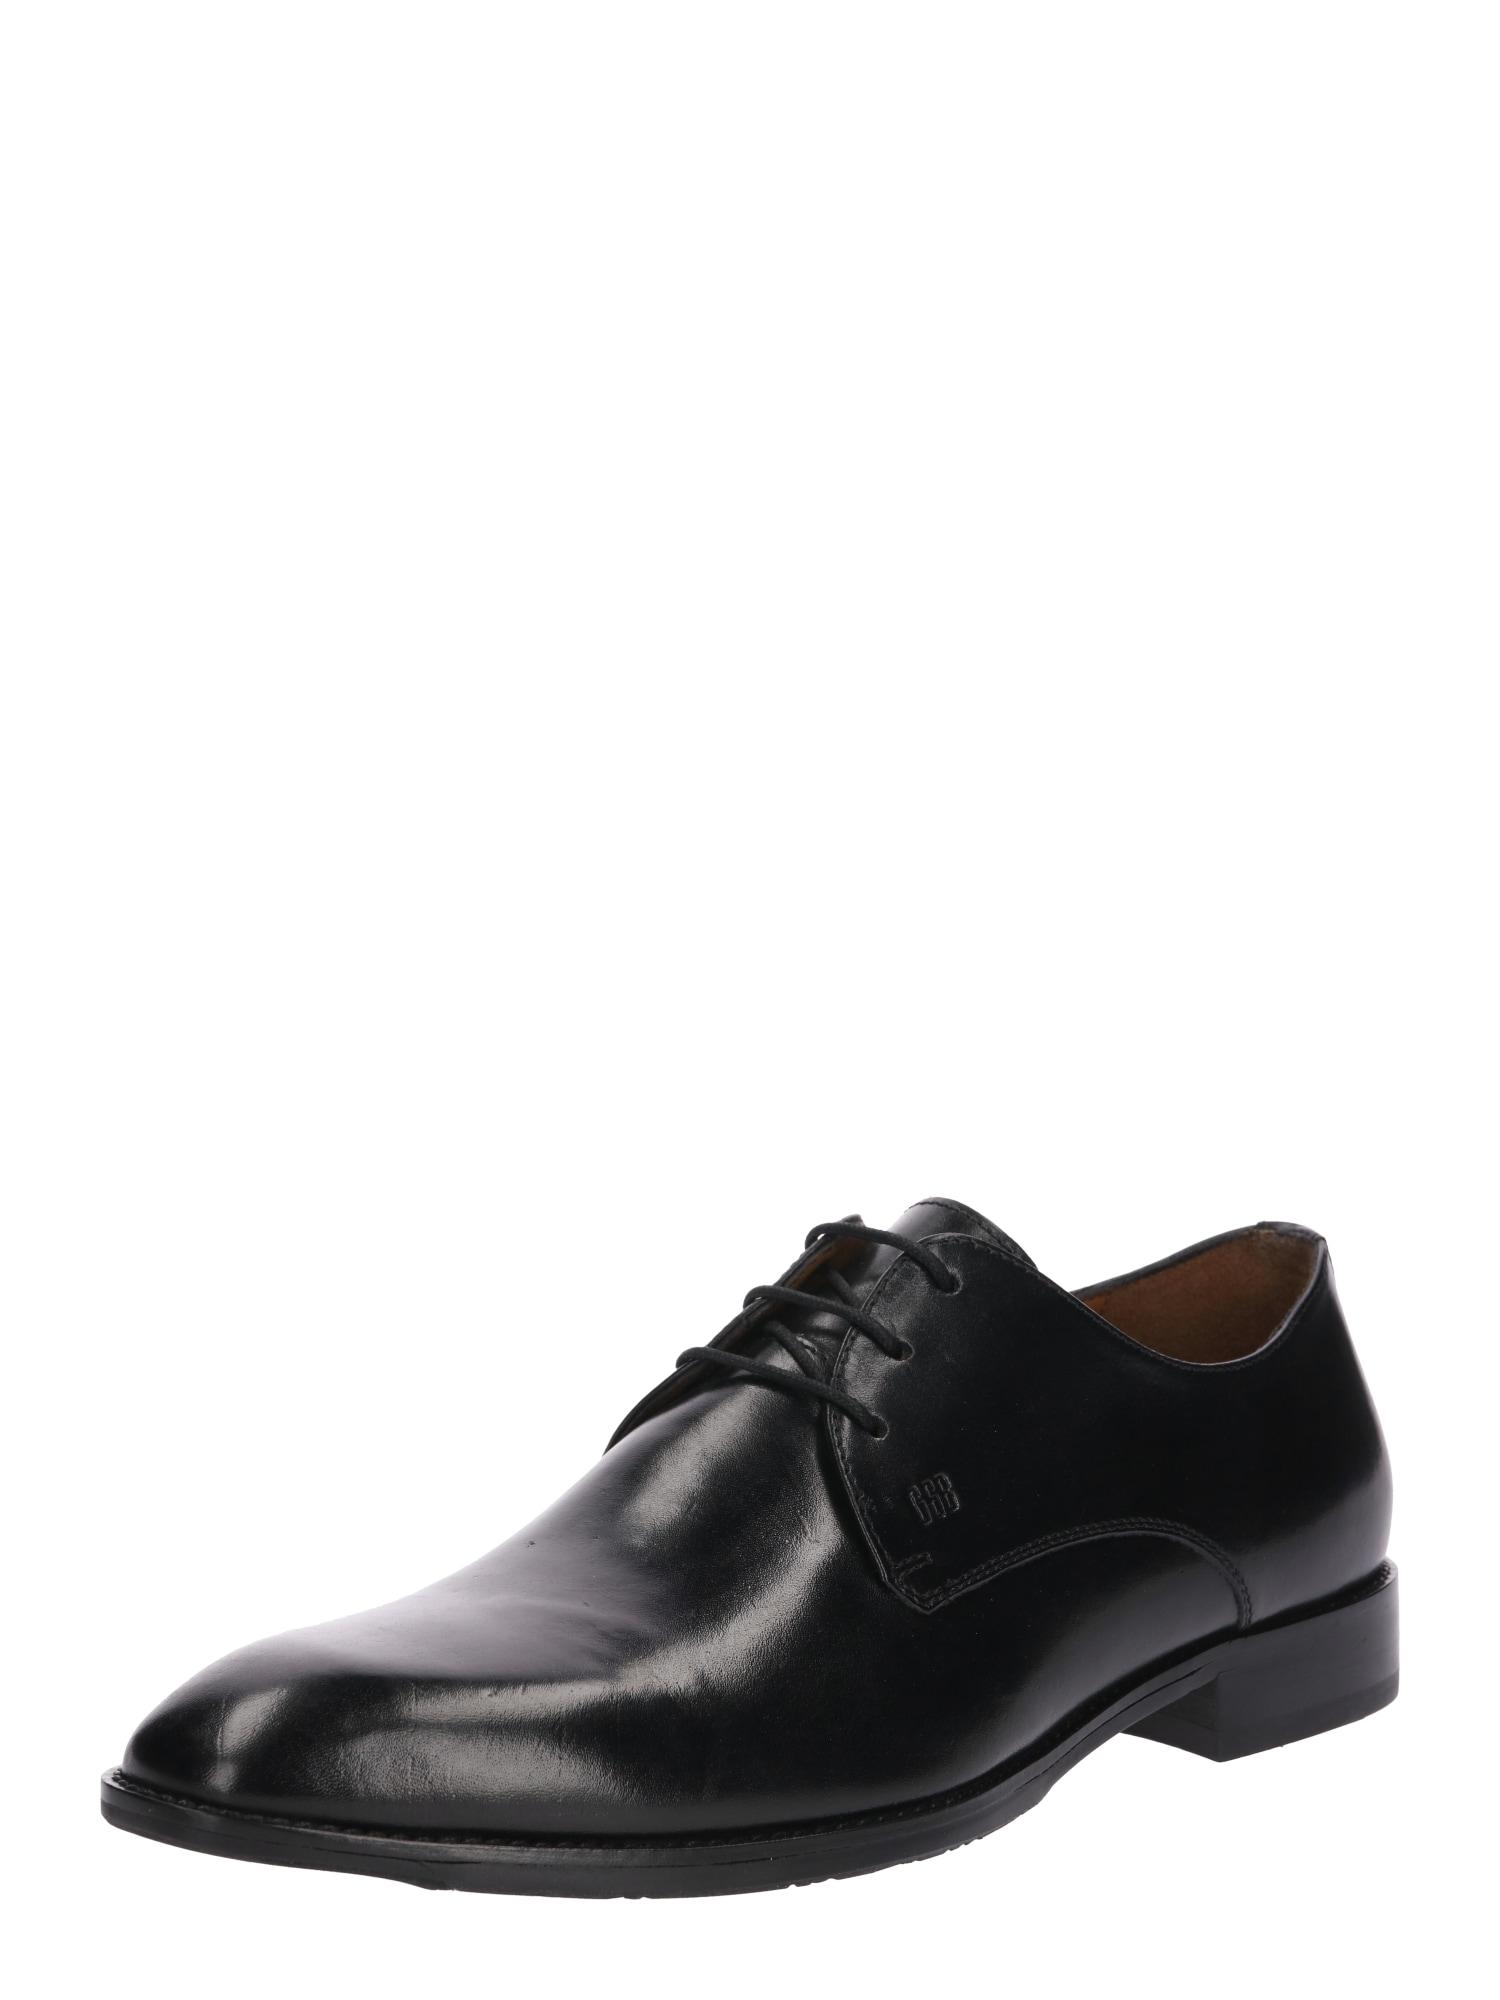 Šněrovací boty Mirco černá Gordon & Bros